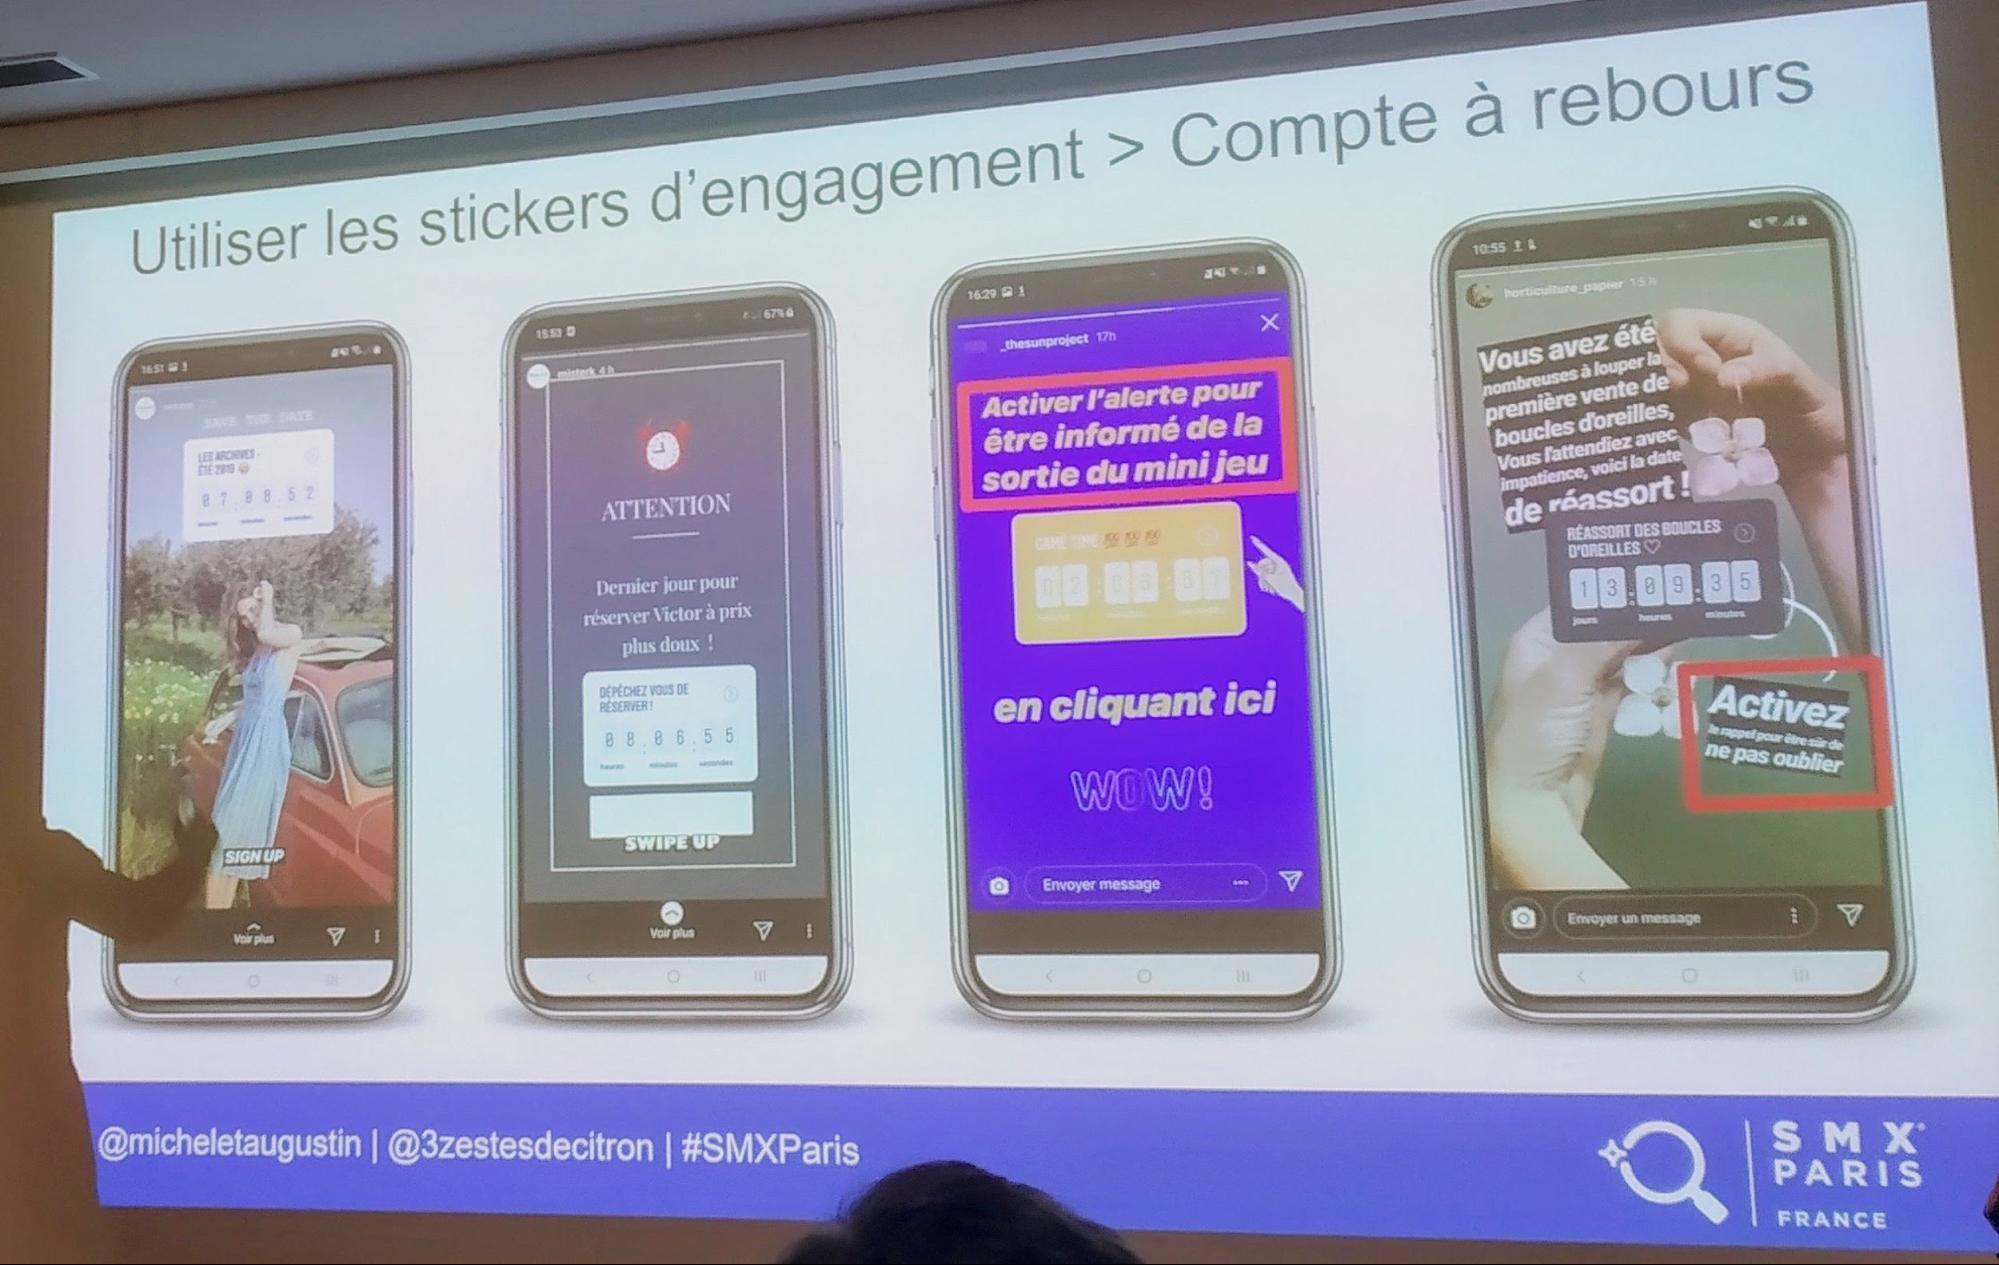 les stickers d'engagements sur Instagram